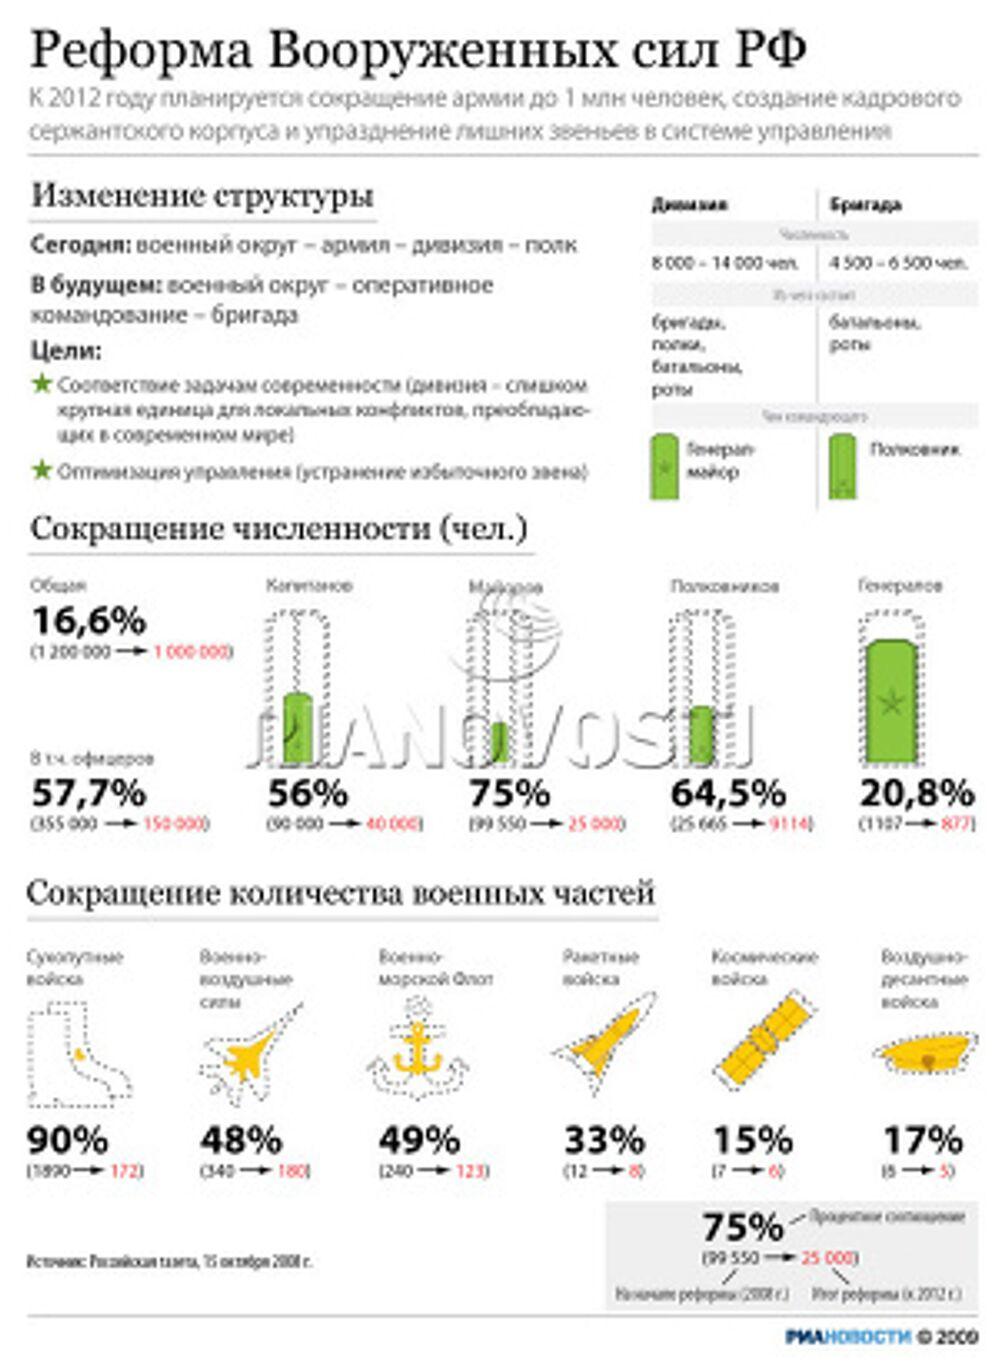 Реформа Вооруженных сил РФ